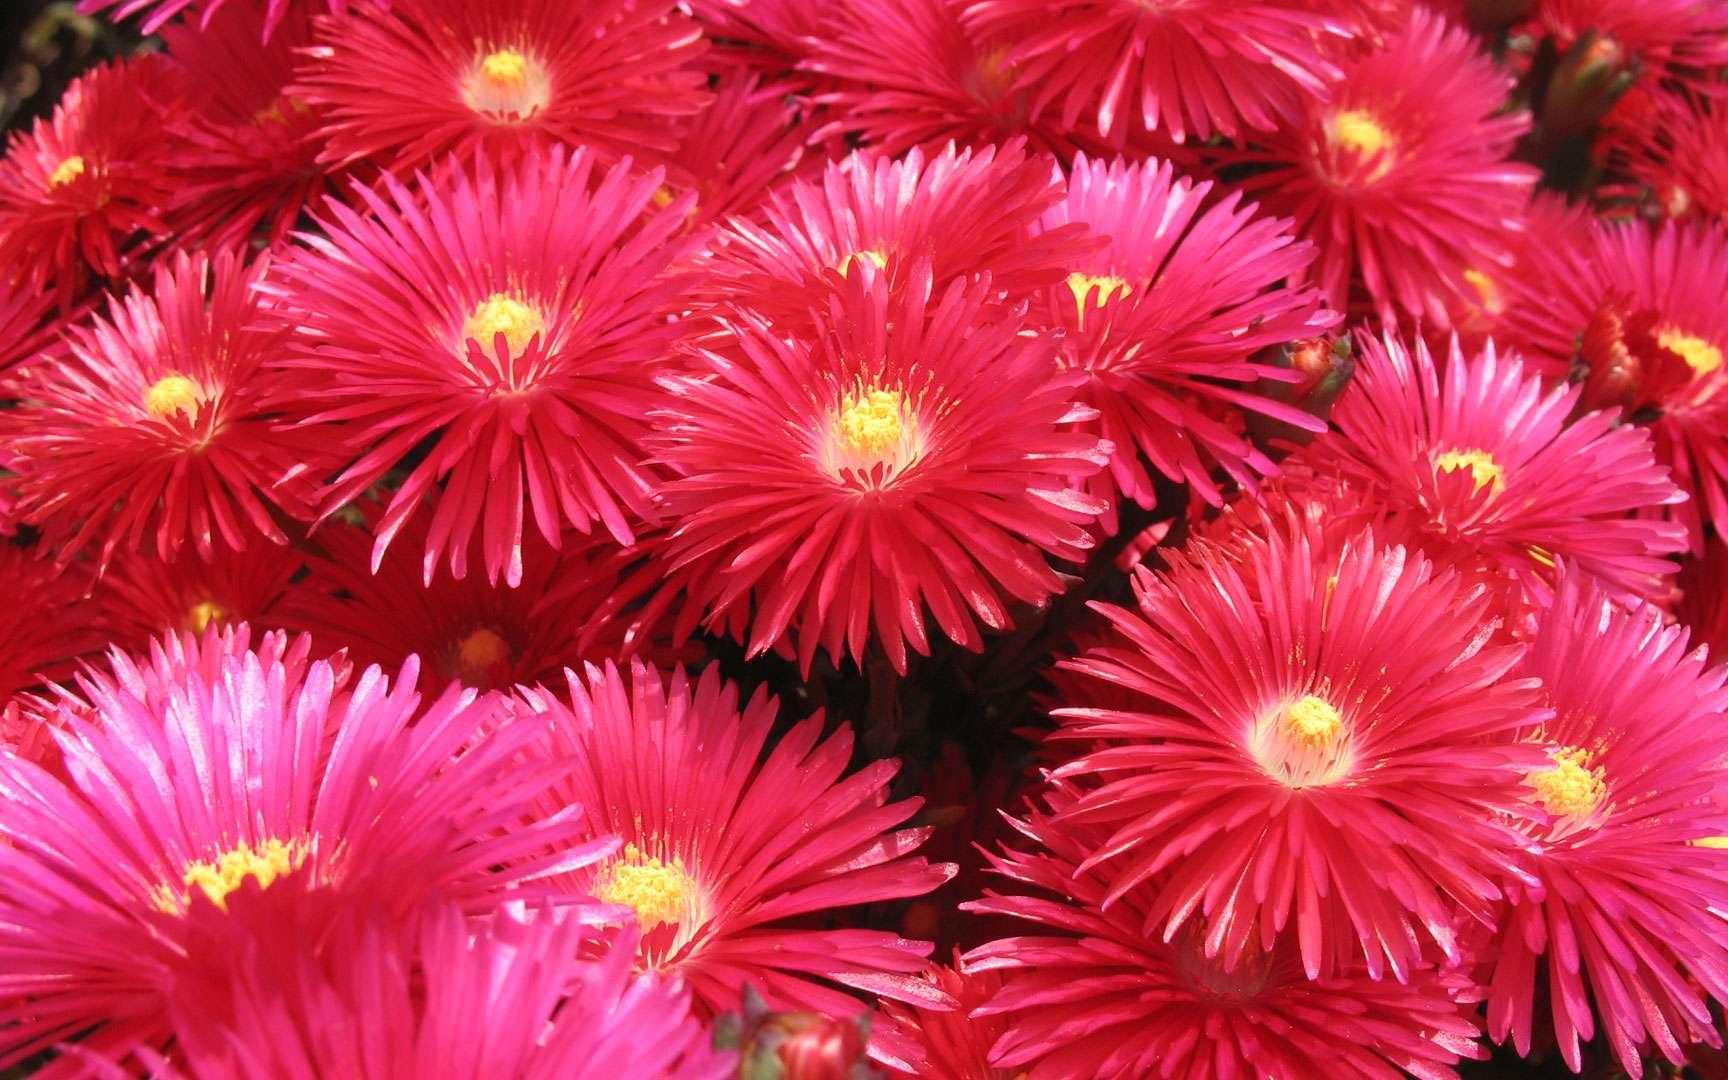 Lampranthus coccineus. Lampranthus coccineus, famille des Aizoacées. Plante succulente sud-africaine en pleine floraison. Cette espèce est fréquemment cultivée dans le sud de la France. © AB, Reproduction et utilisation interdites